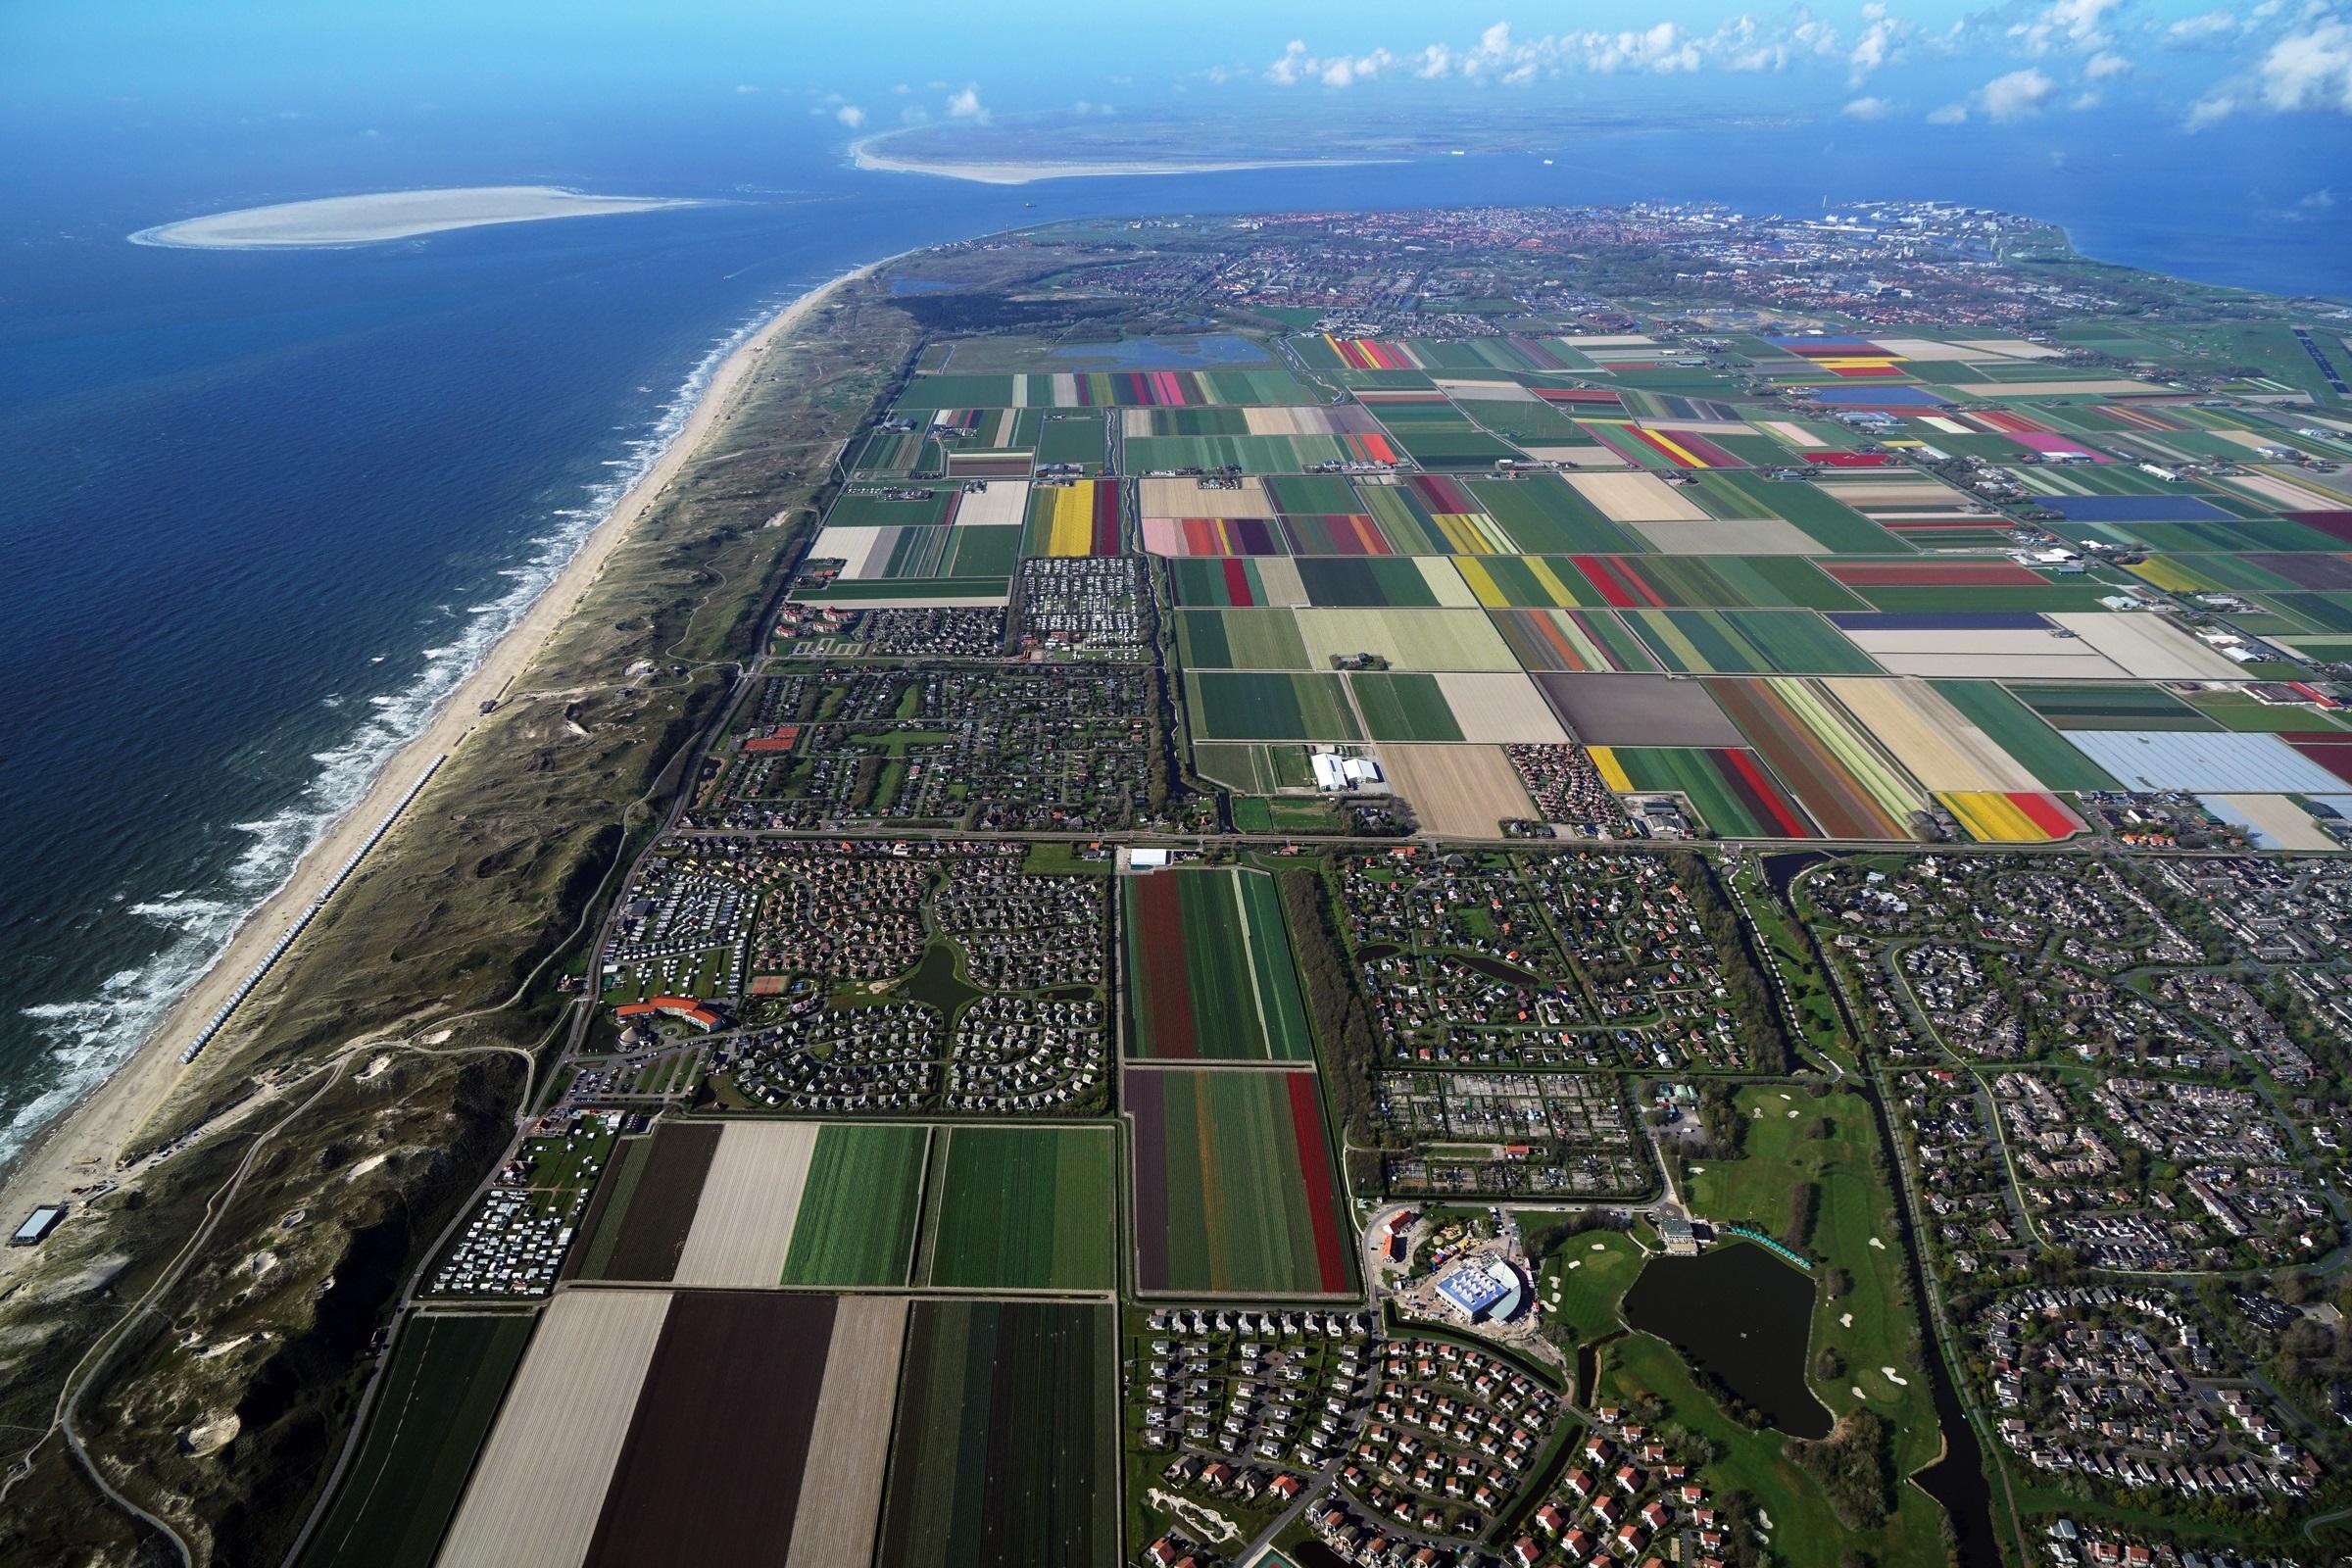 Het grootste aaneengesloten bollengebied van Nederland is goed te zien vanuit de lucht. (Foto: Cris Toala Olivares)